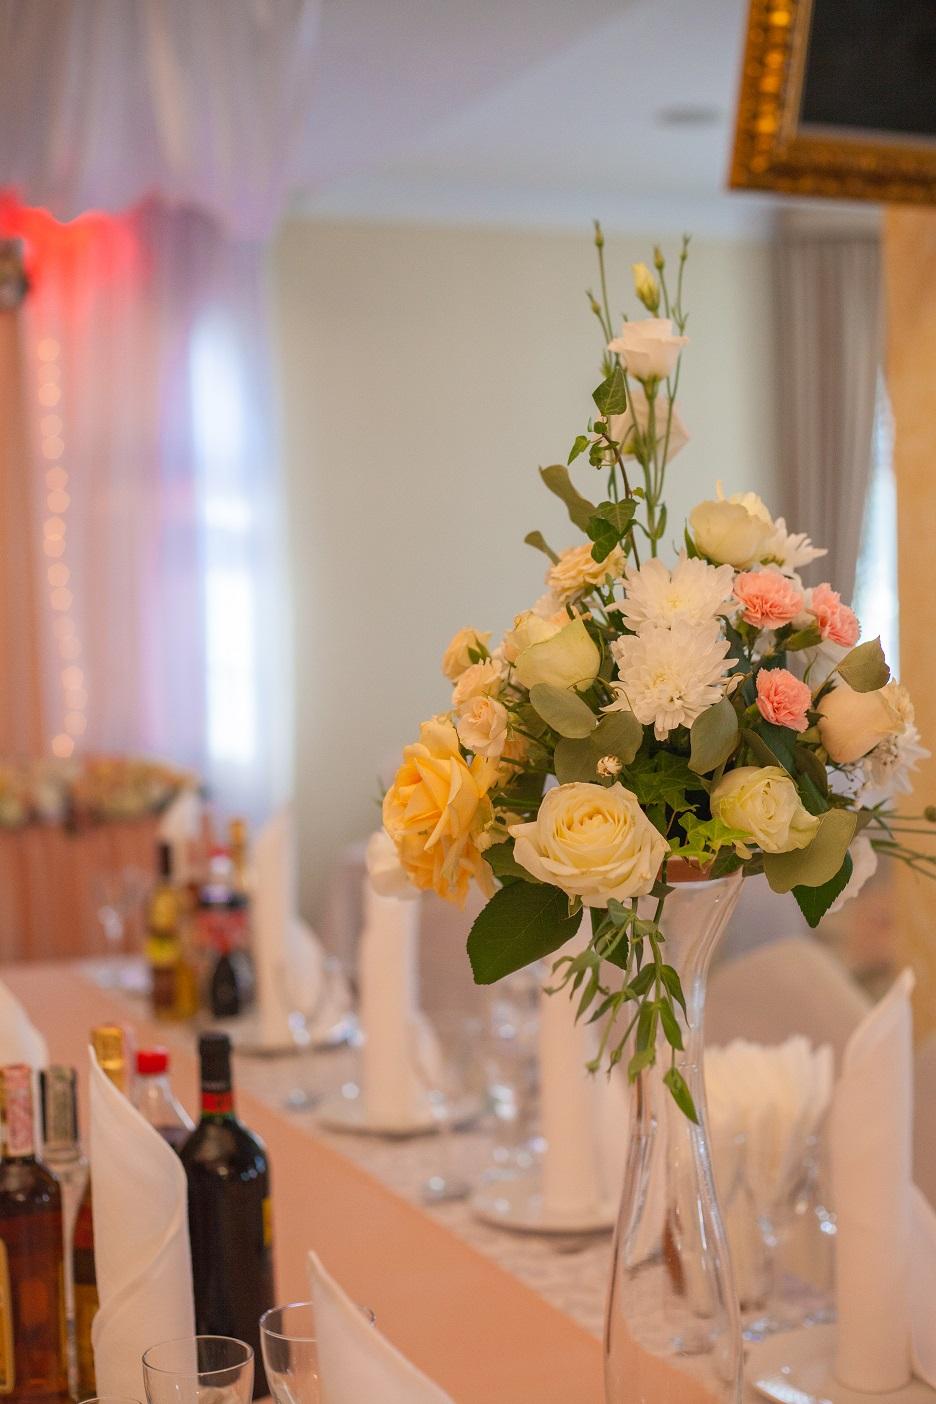 Пудрове весілля,01-08-15, Шато-Рояль (15)